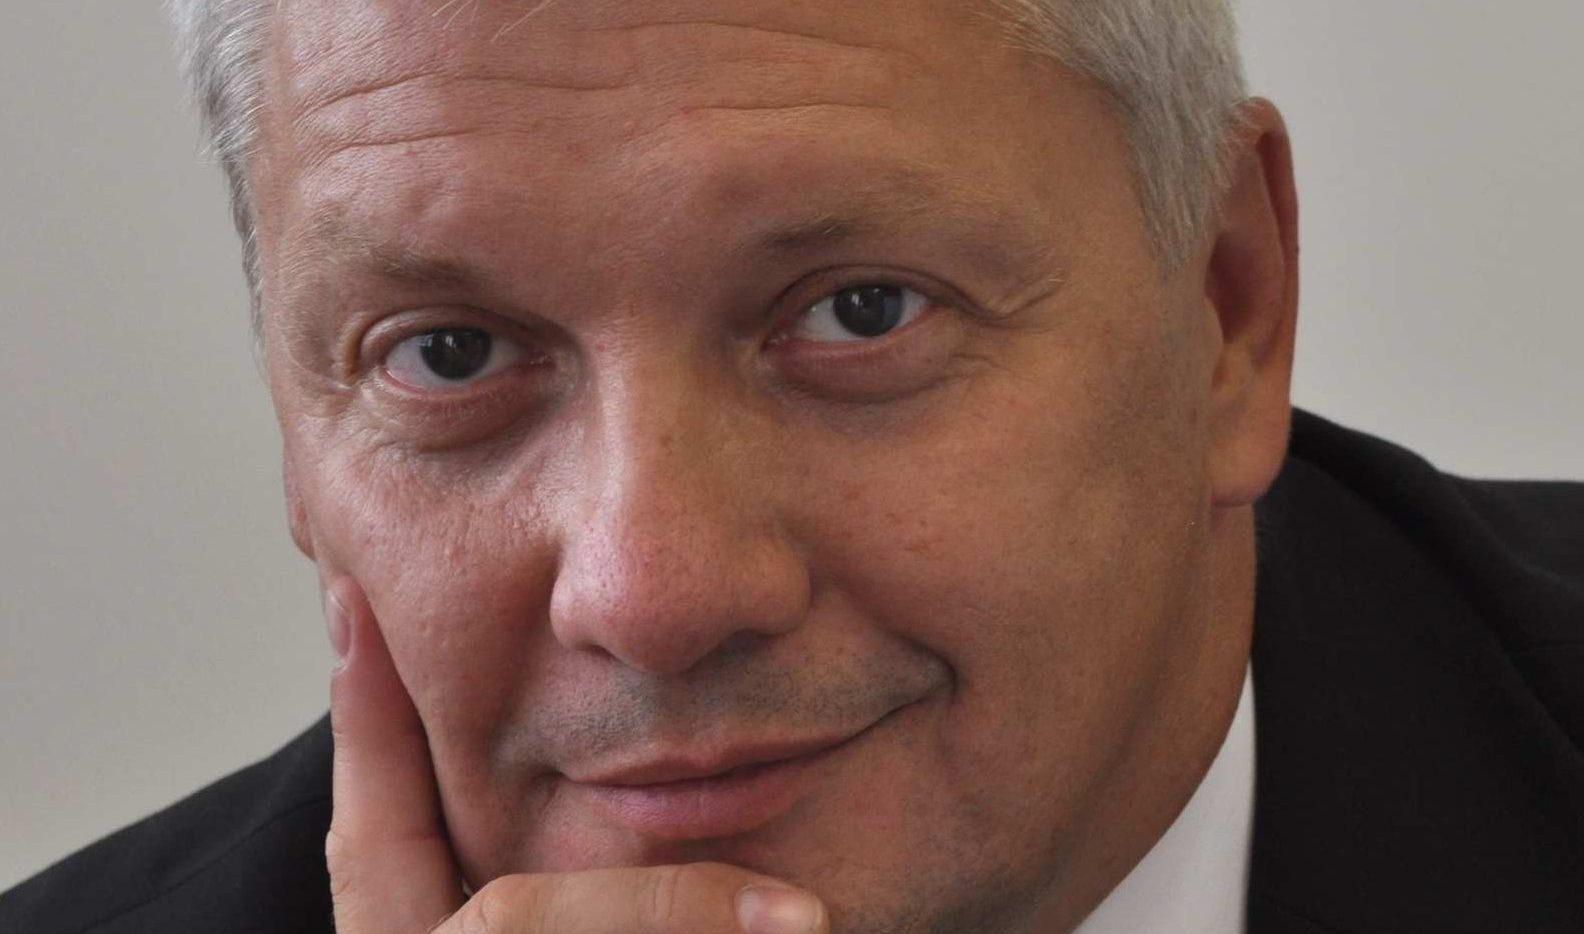 vyřídit pracovní povolení pro cizince - Martin Stolín